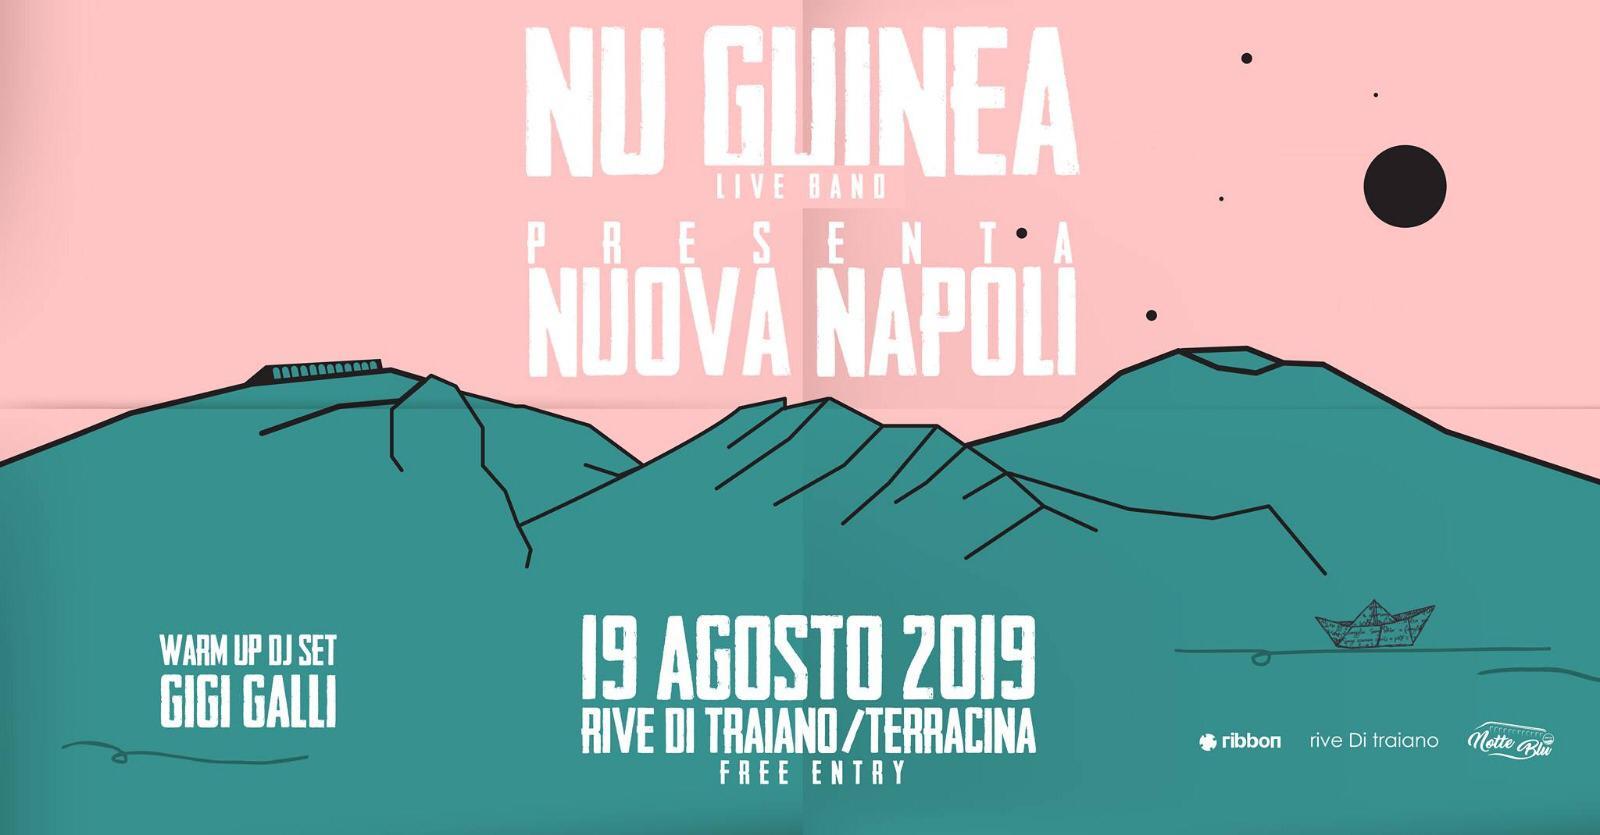 http://www.riveditraiano.com/terracina/levento-dellestate-nuguinea-live-band/